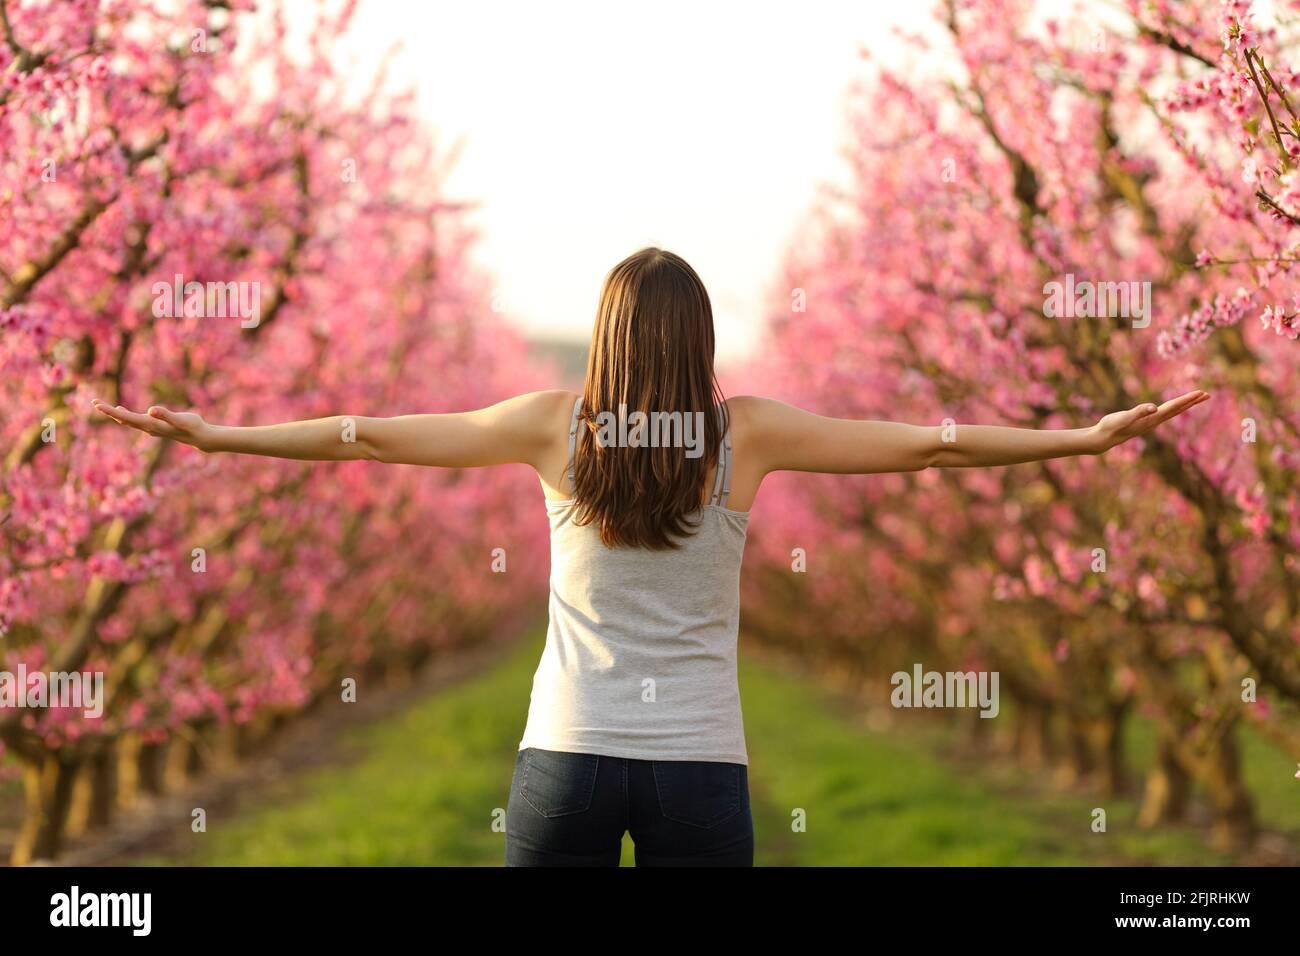 Vista posterior retrato de una joven mujer estirando los brazos celebrando primavera en un campo rosa Foto de stock